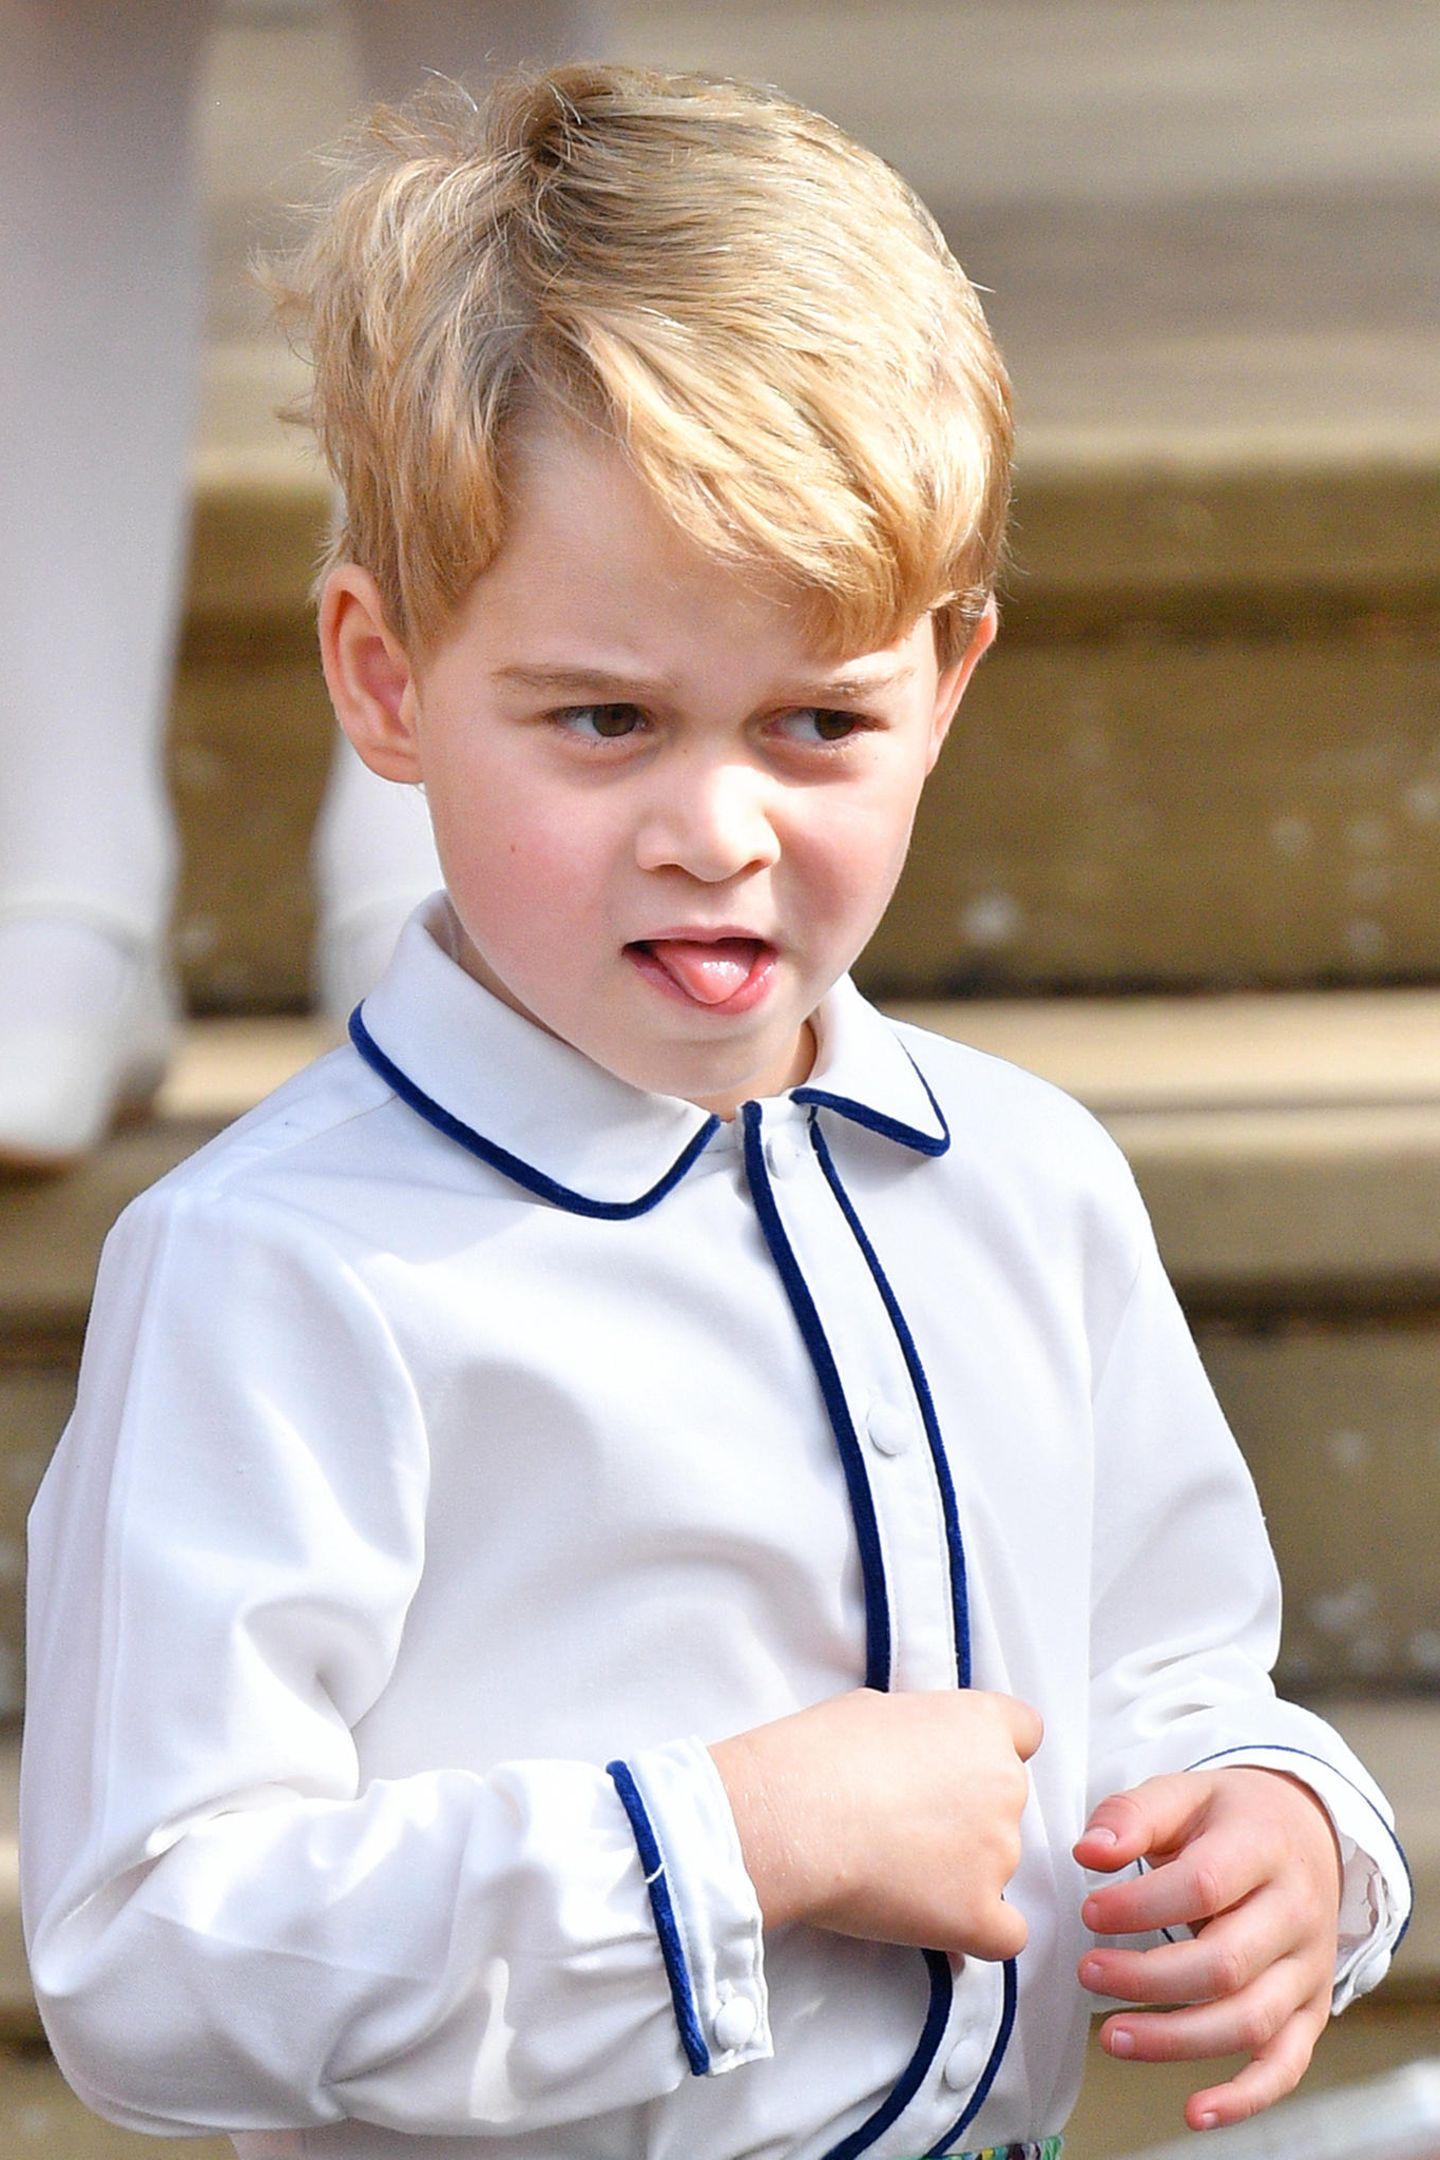 Zur Hochzeit von Prinzessin Eugenie im Oktober 2018 zeigt sich der royale Sprössling ebenfalls in einem weißen Hemd mit dunkelblauer Borde an Kragen und Knopfleiste.